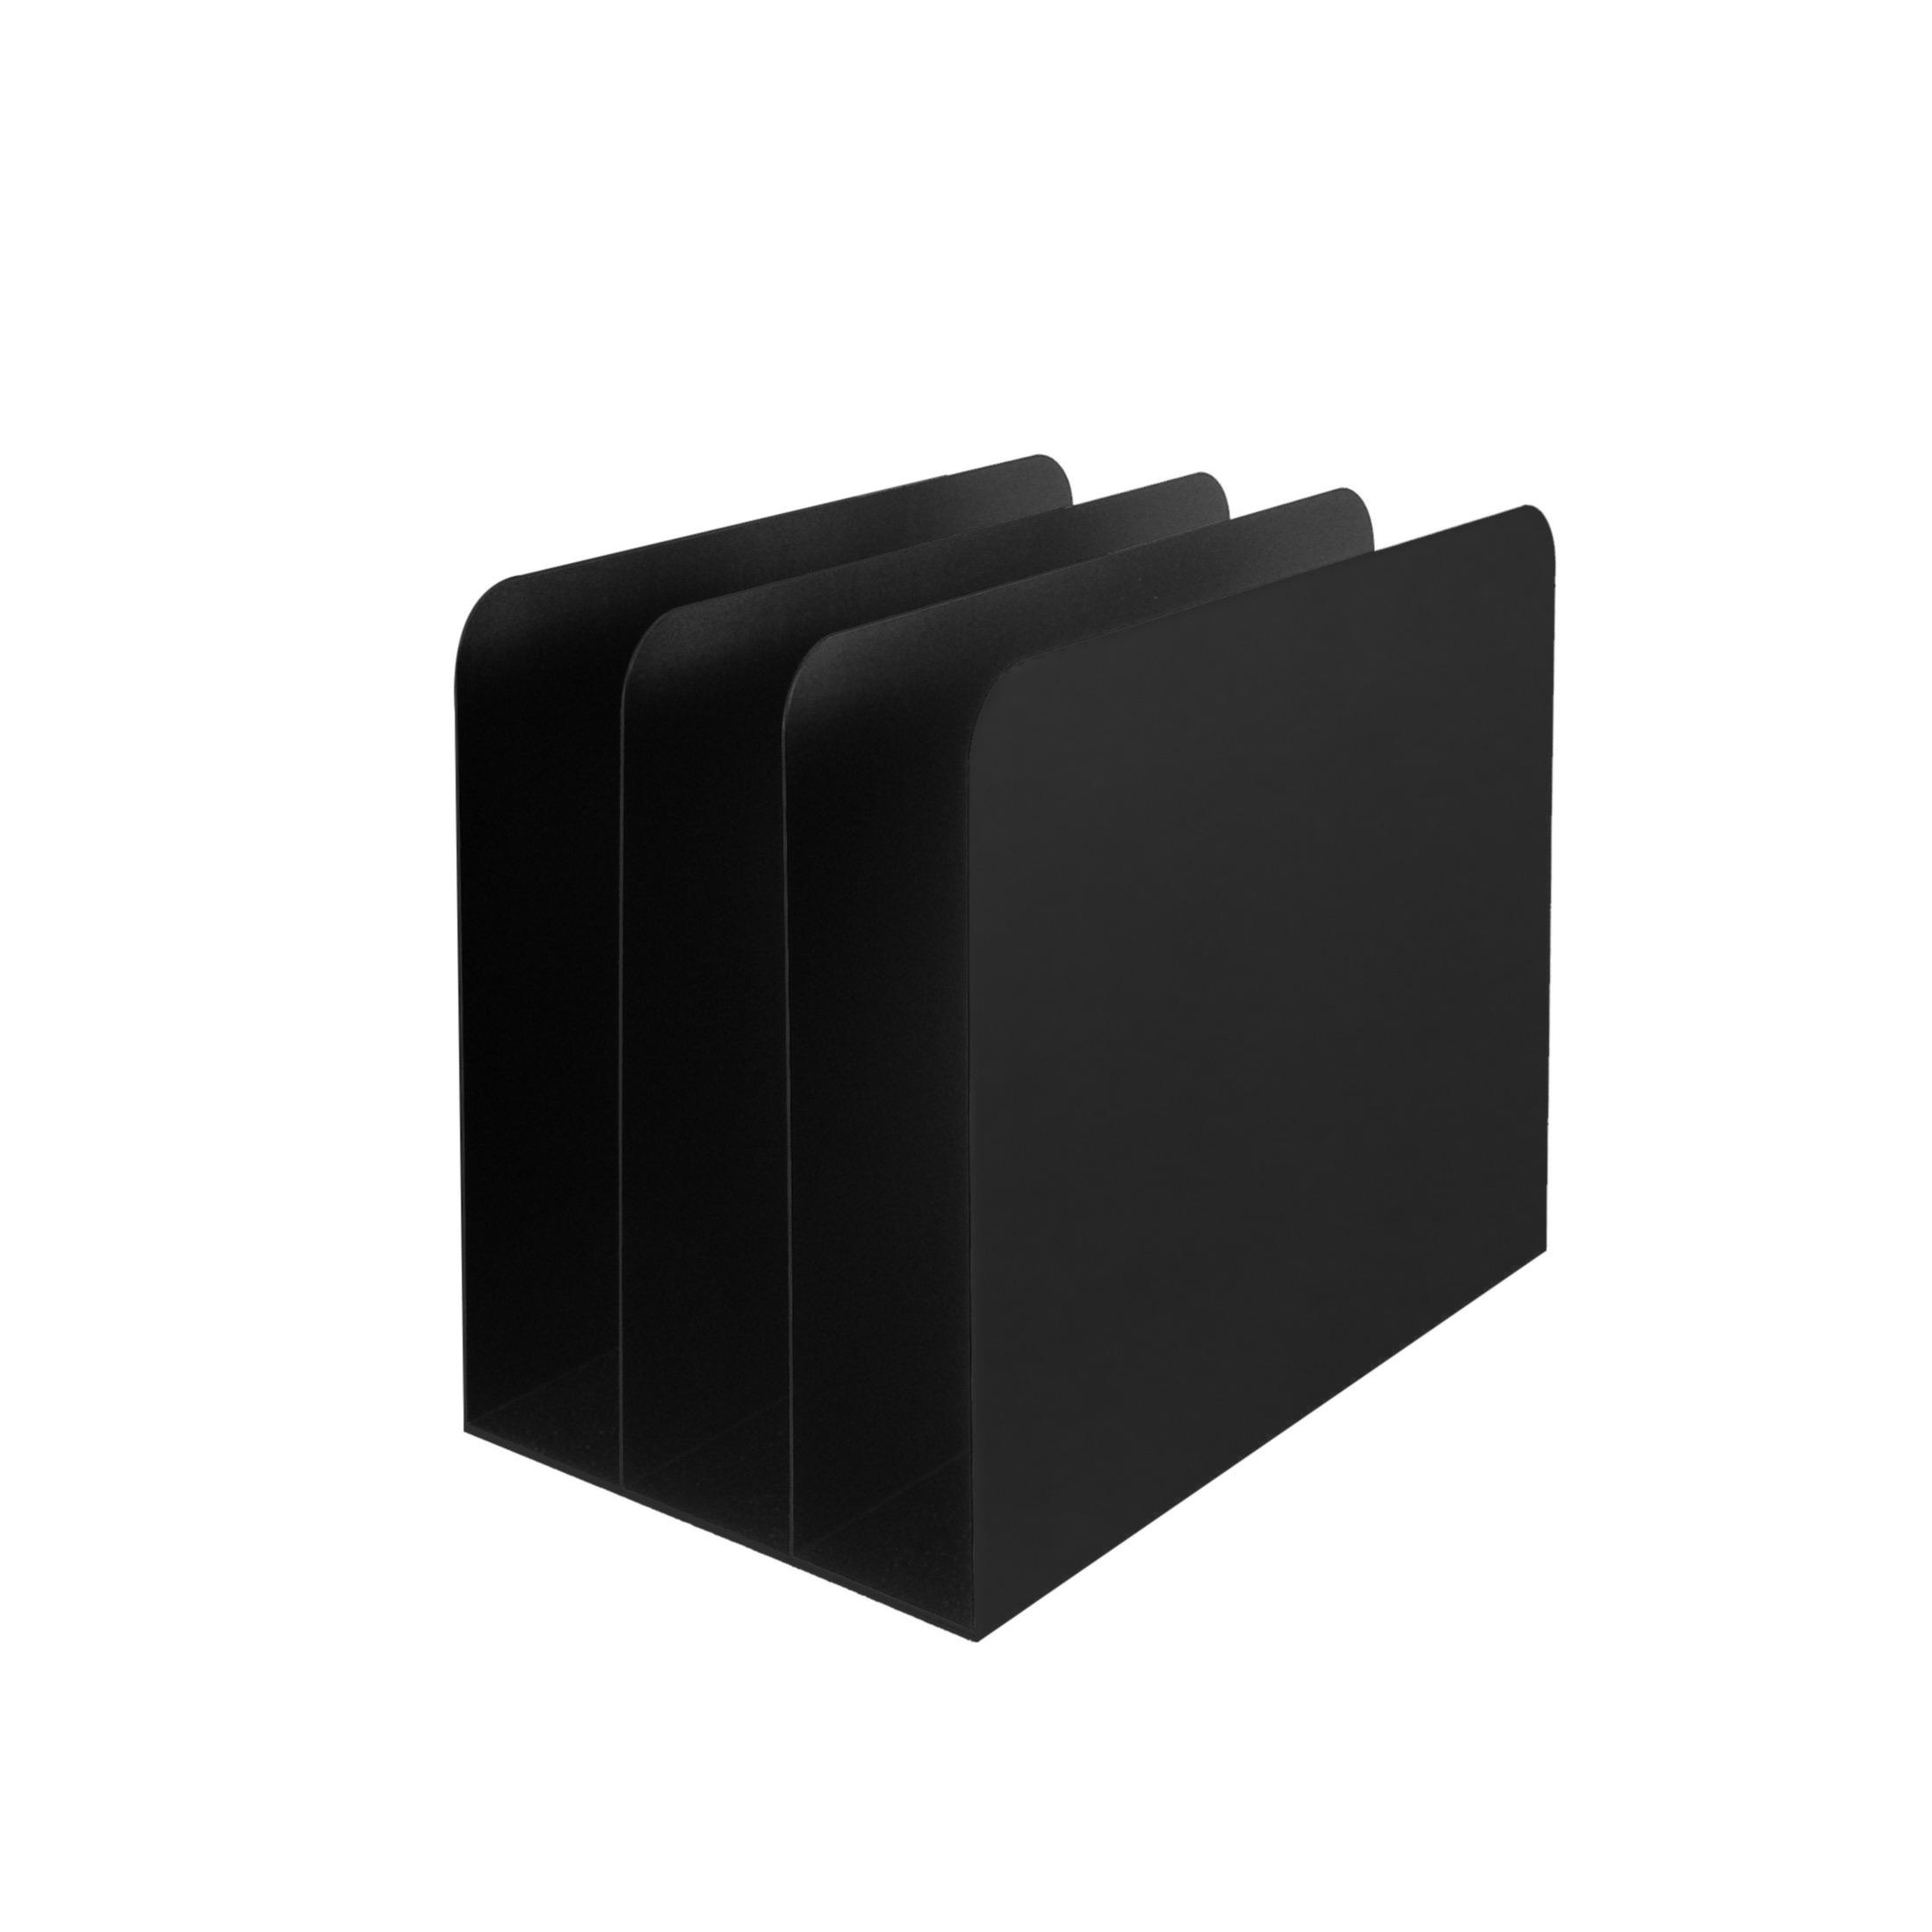 Bonded Leather Vertical Sorter